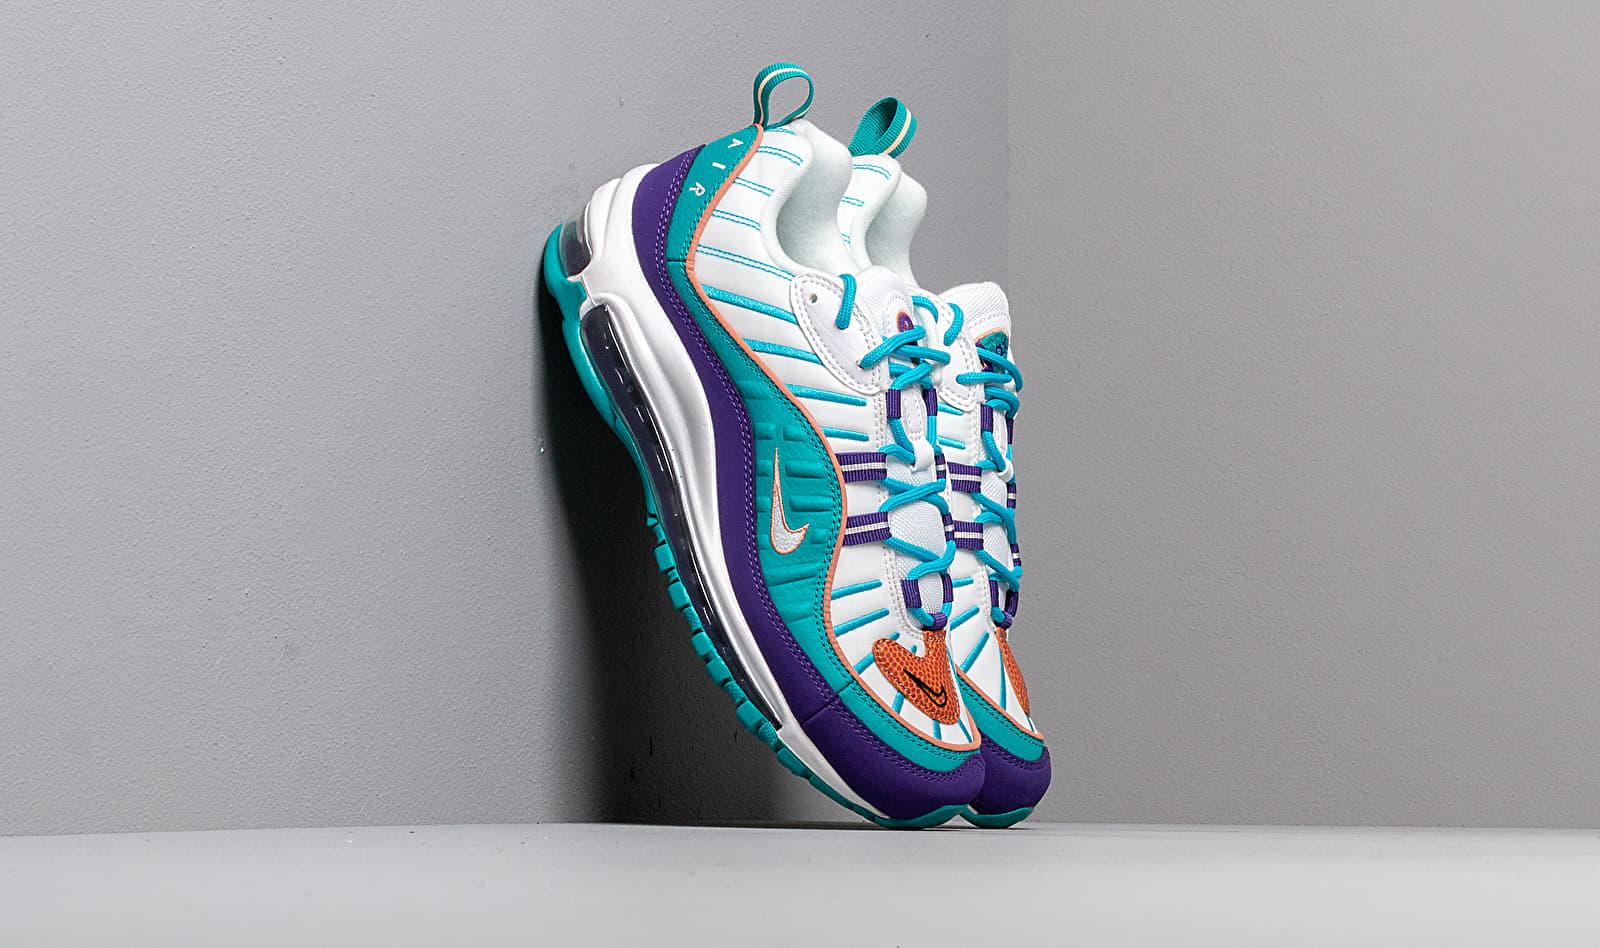 Nike W Air Max 98 Court Purple/ Terra Blush-Spirit Teal EUR 35.5